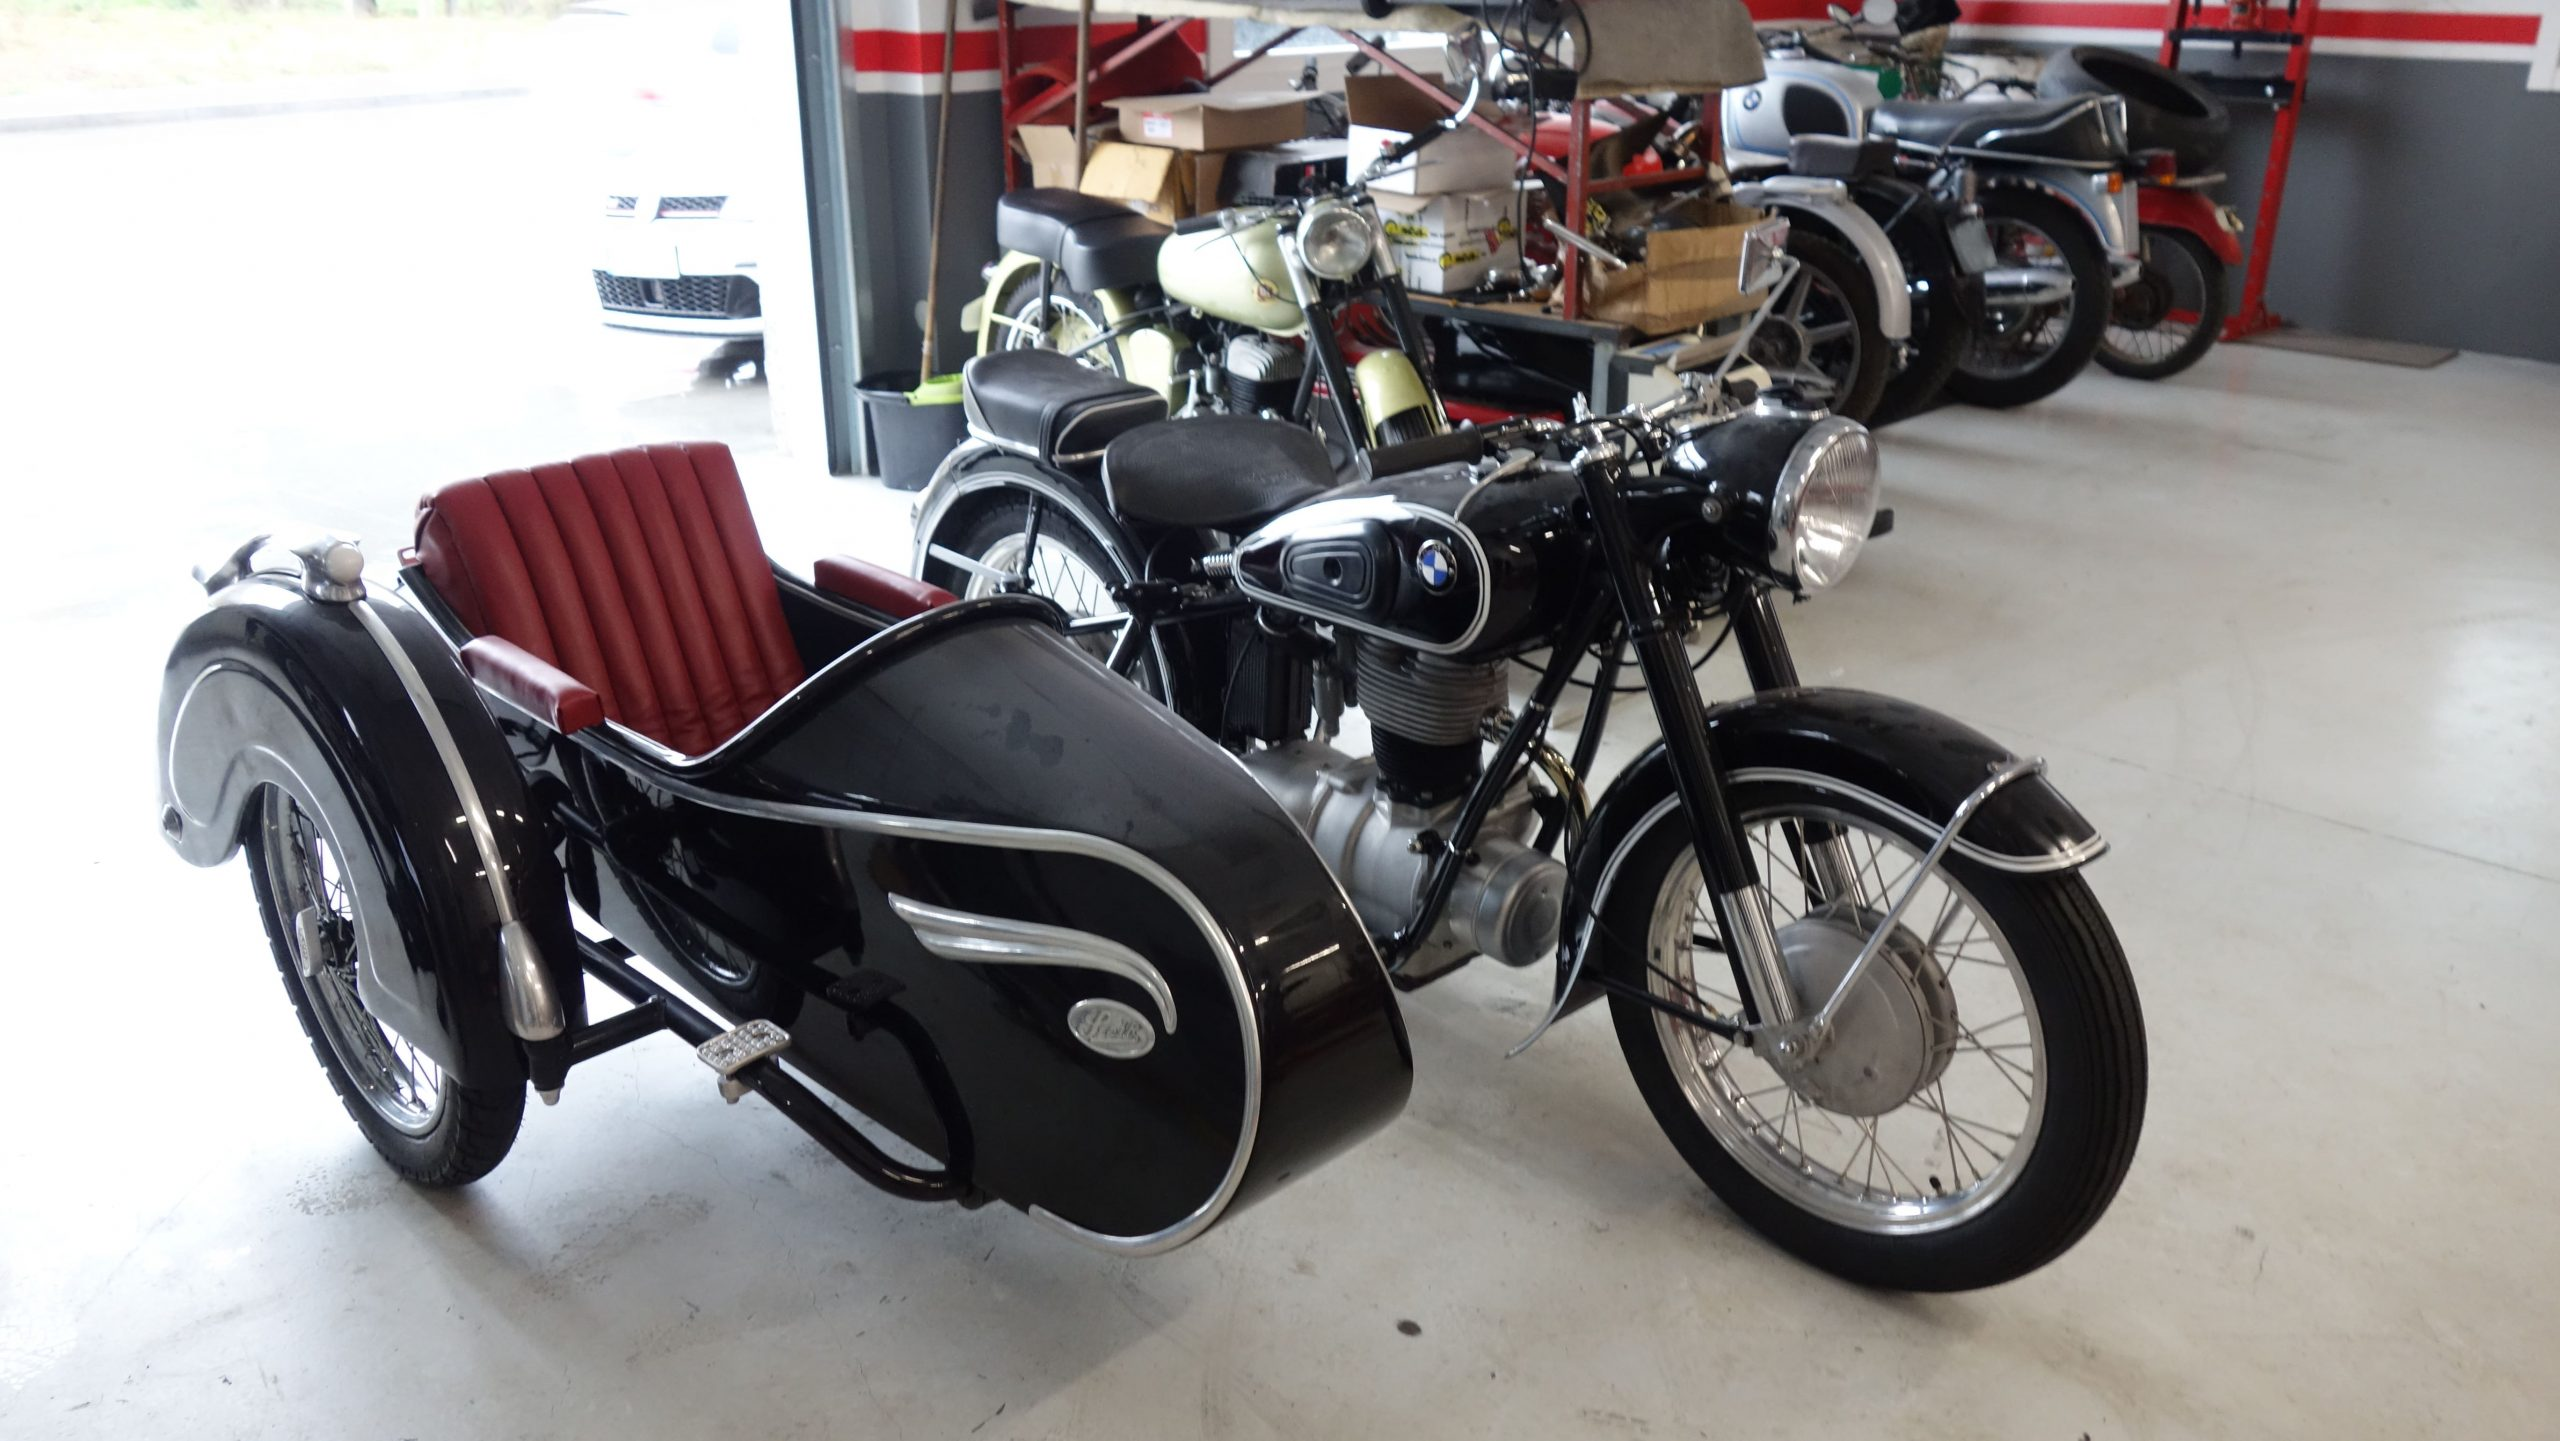 Matricular motocicleta con sidecar galicia